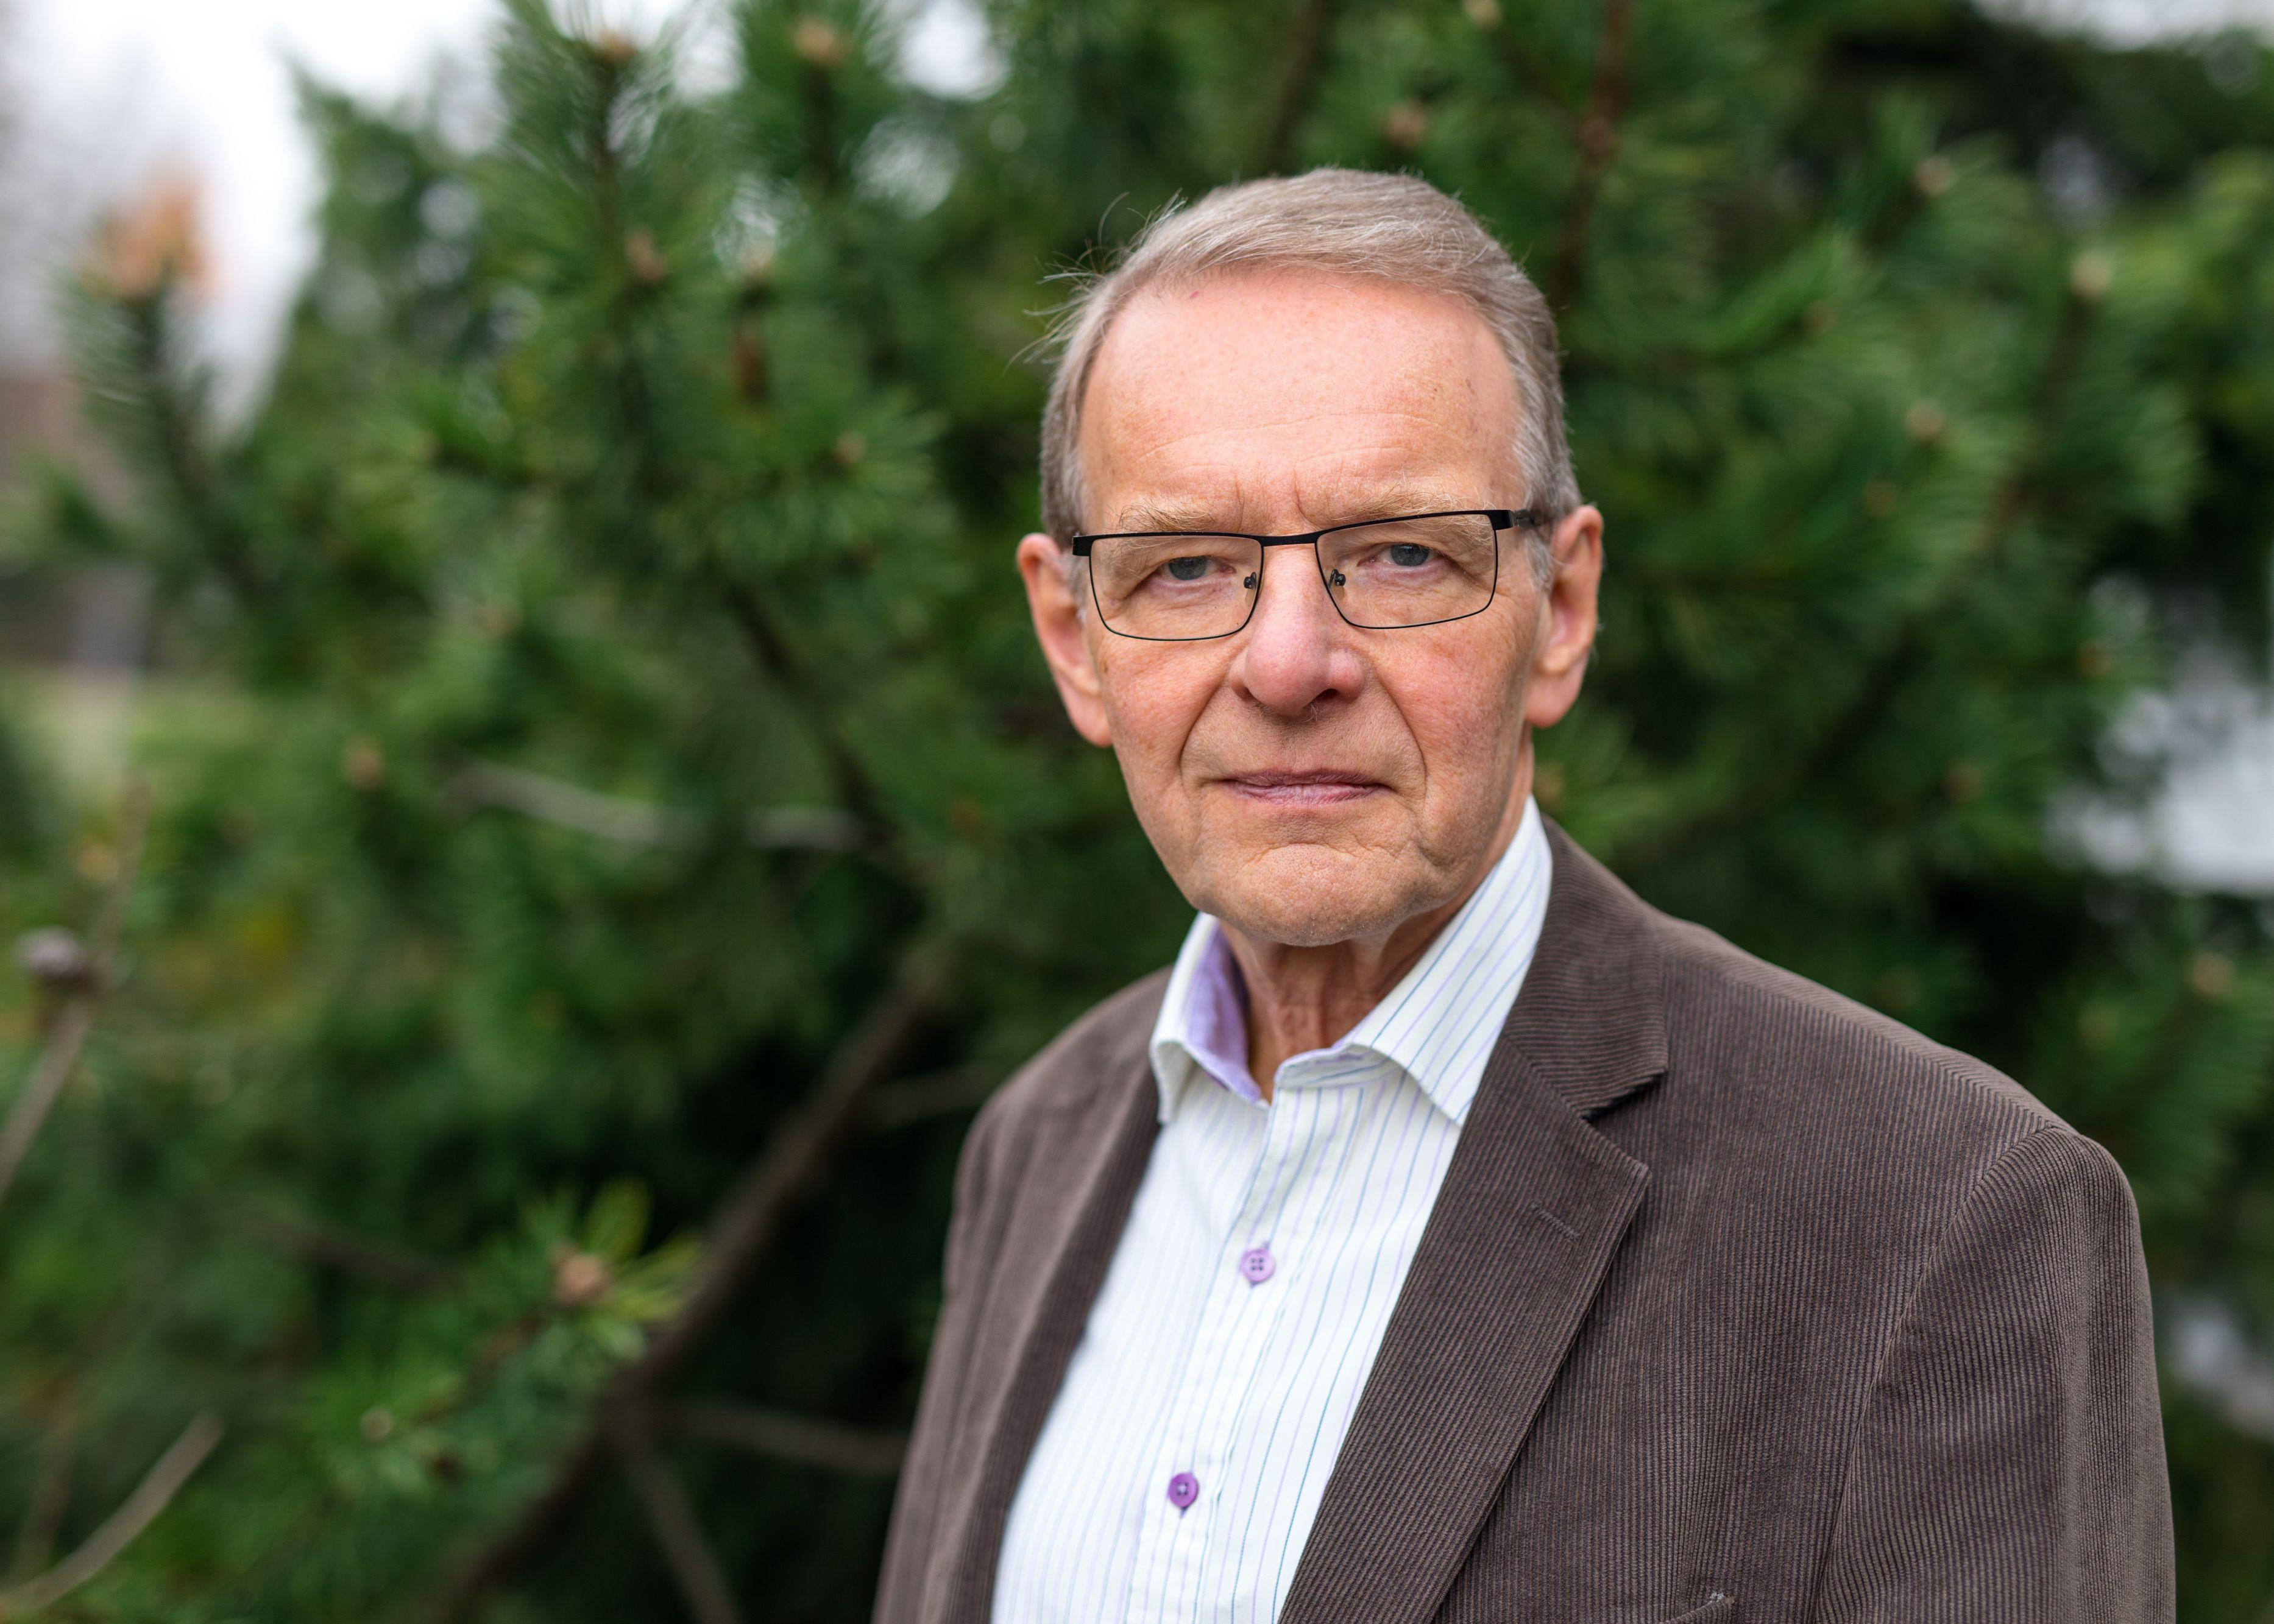 Tekniikan tohtori Tuomo Suntola sai Millennium-teknologiapalkinnon 2018 atomikerroskasvatusteknologian (Atomic Layer Deposition, ALD) kehittämisestä.